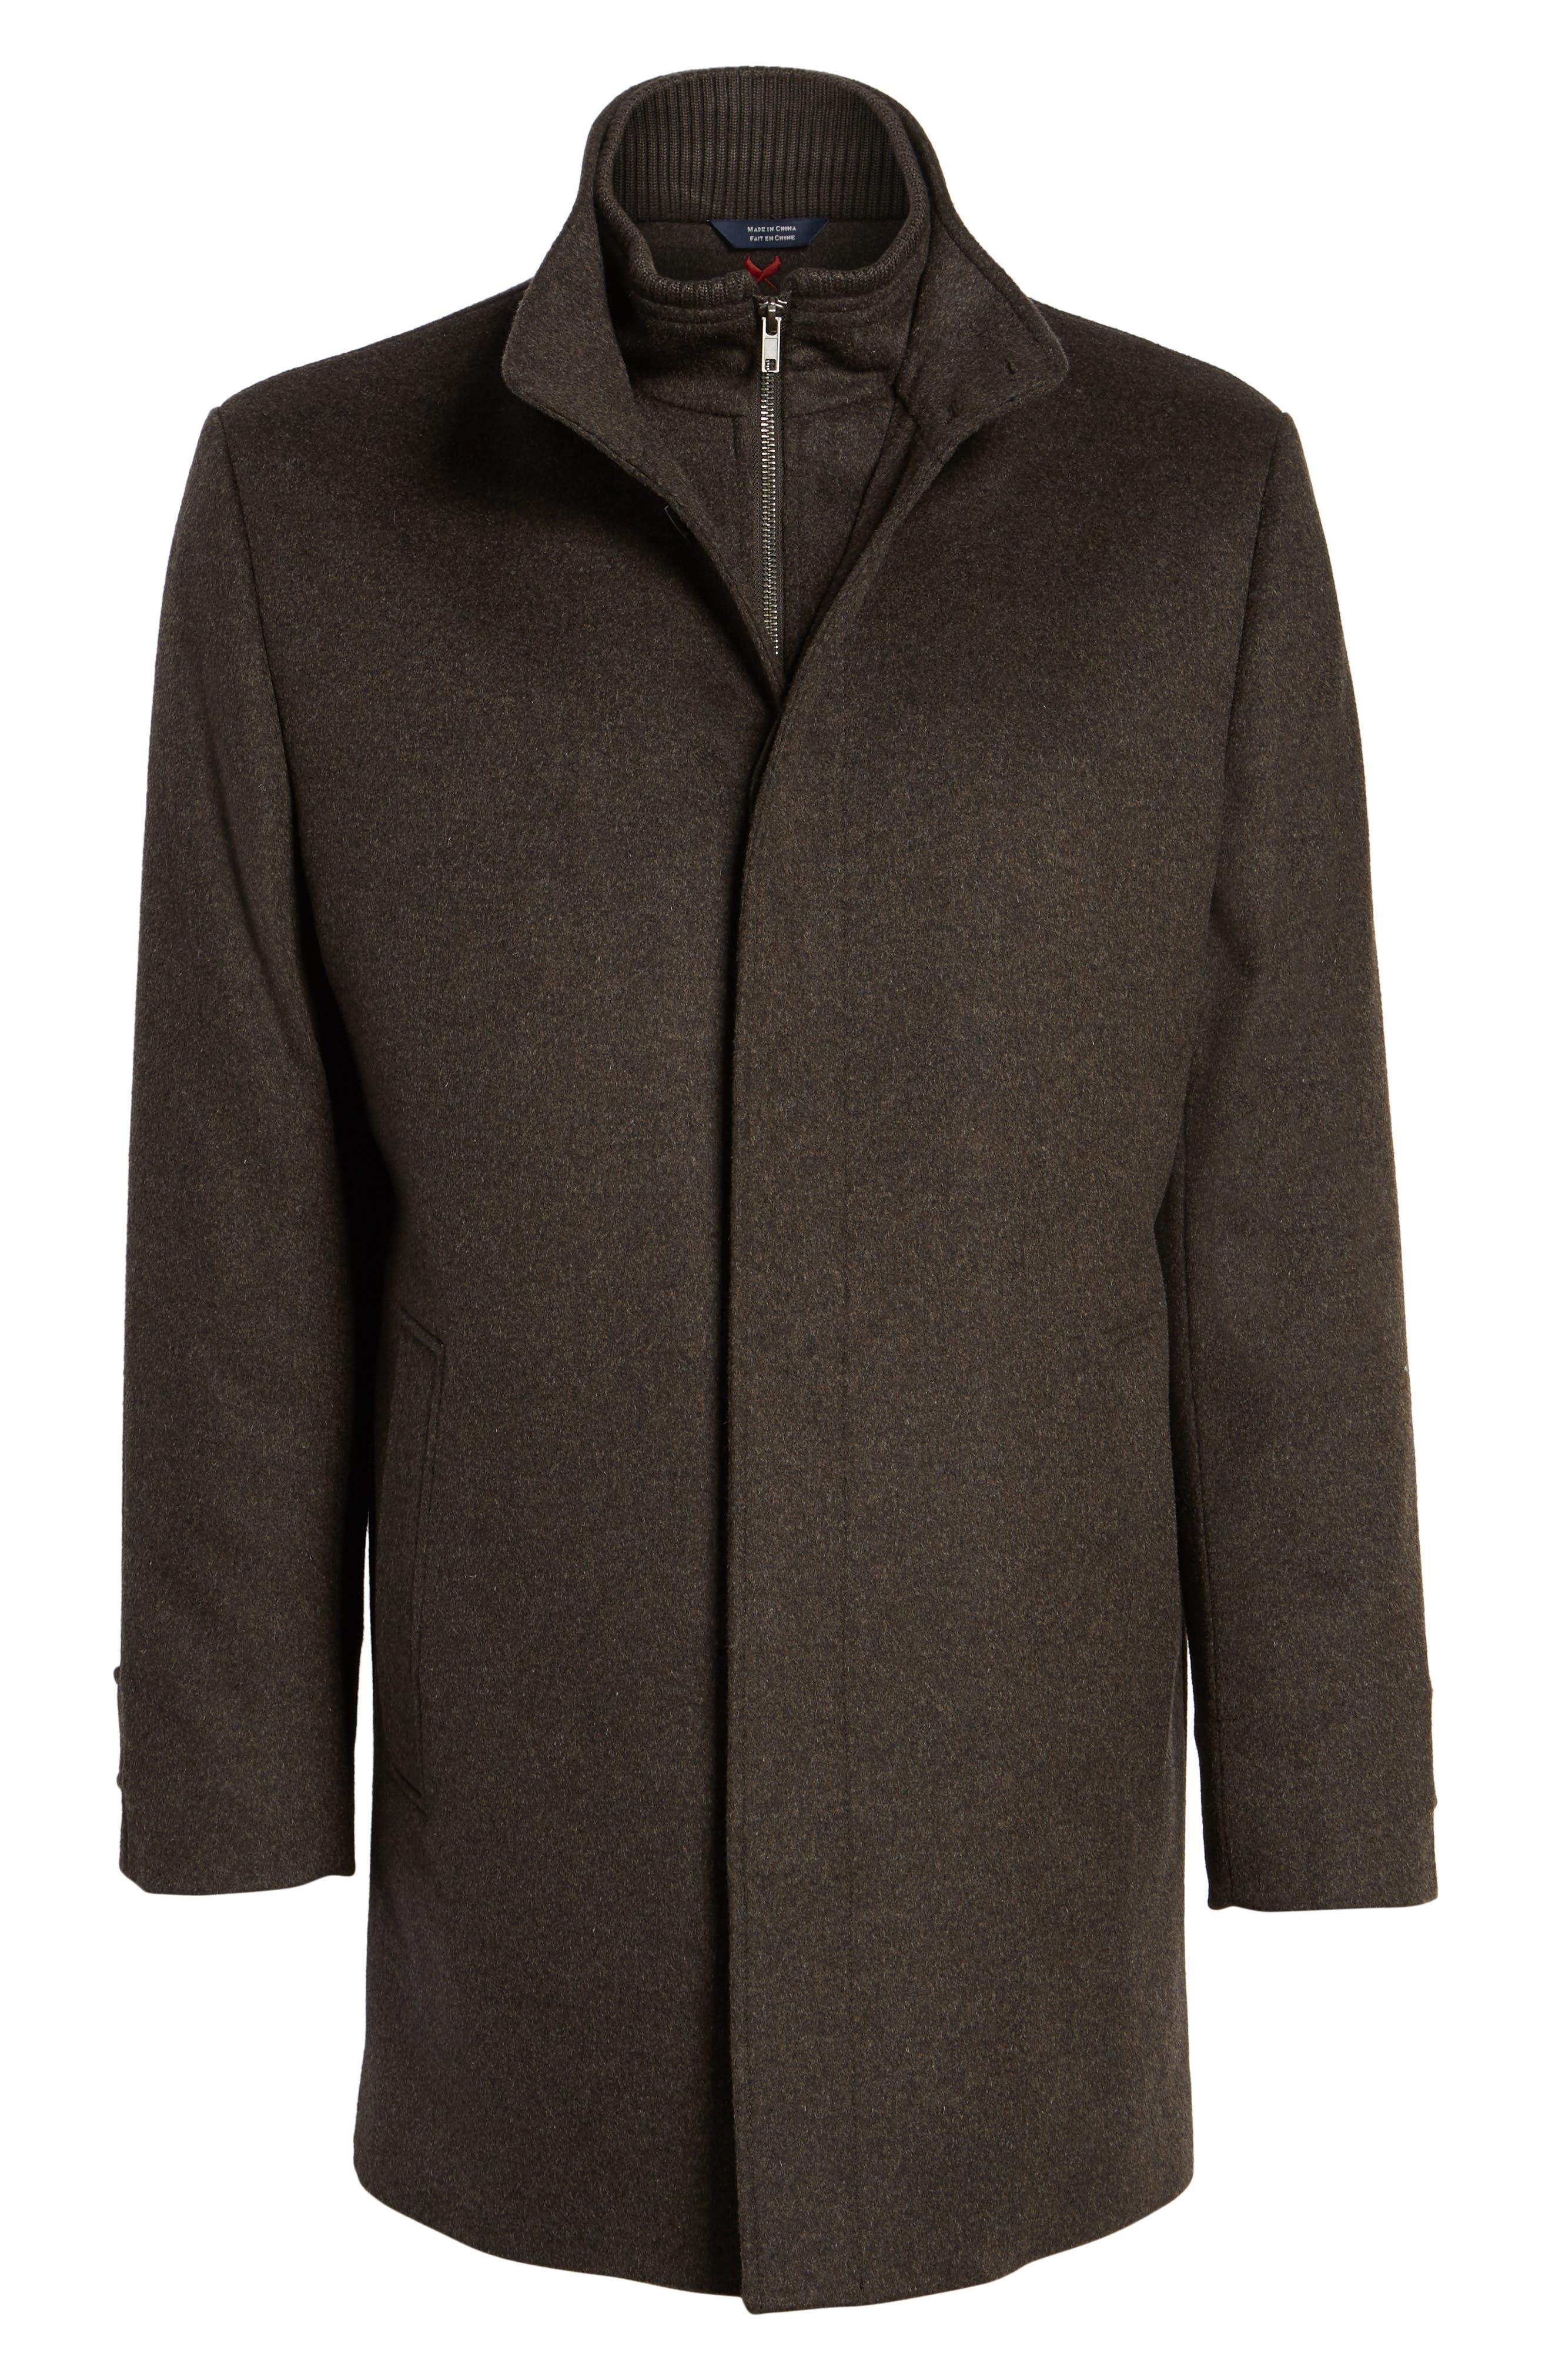 Wool Jacket,                             Alternate thumbnail 6, color,                             Brown Melange